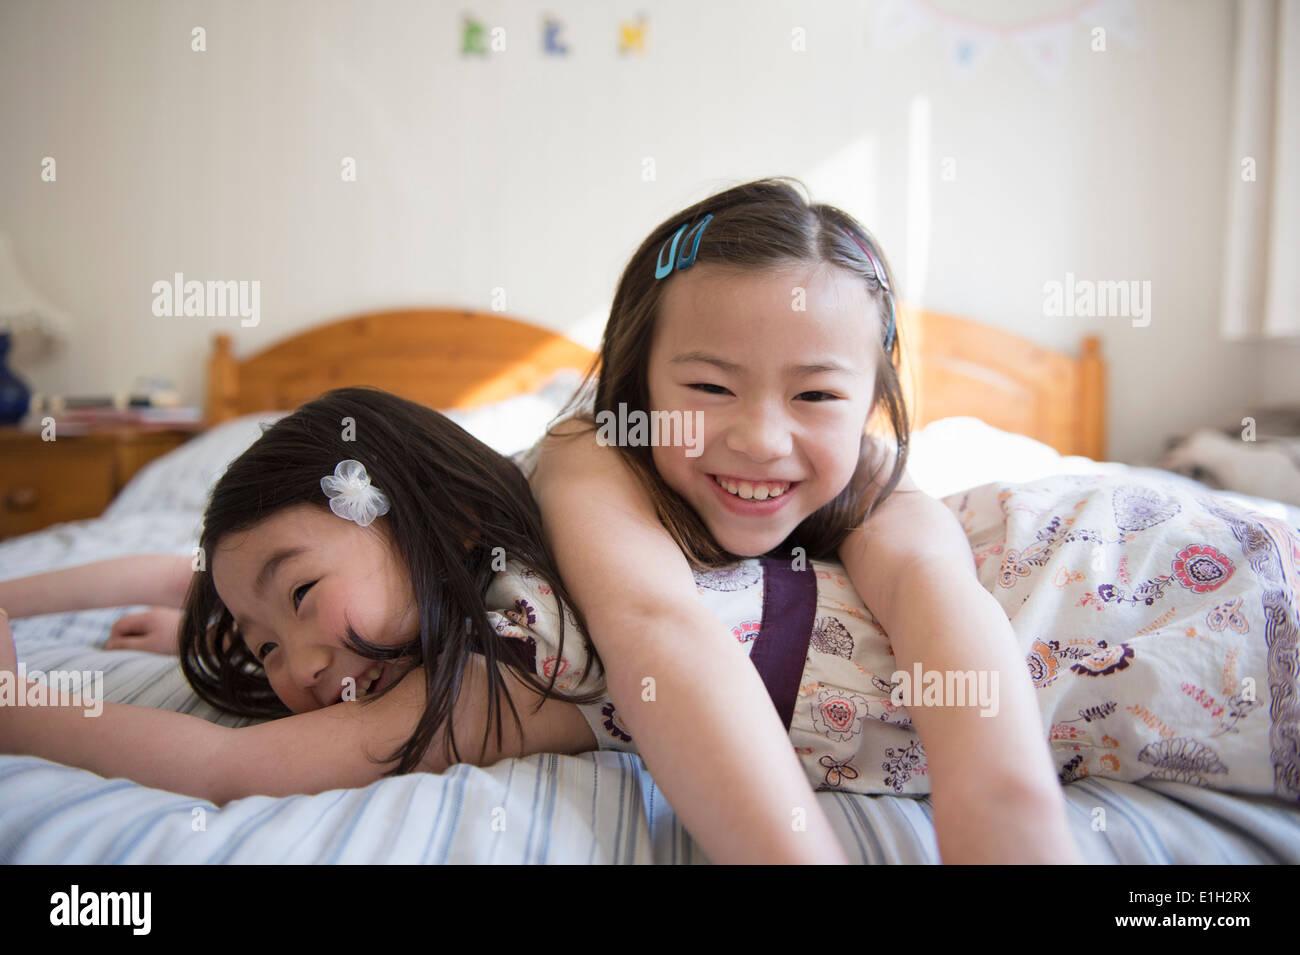 Zwei junge Freundinnen auf Bett liegend Stockfoto